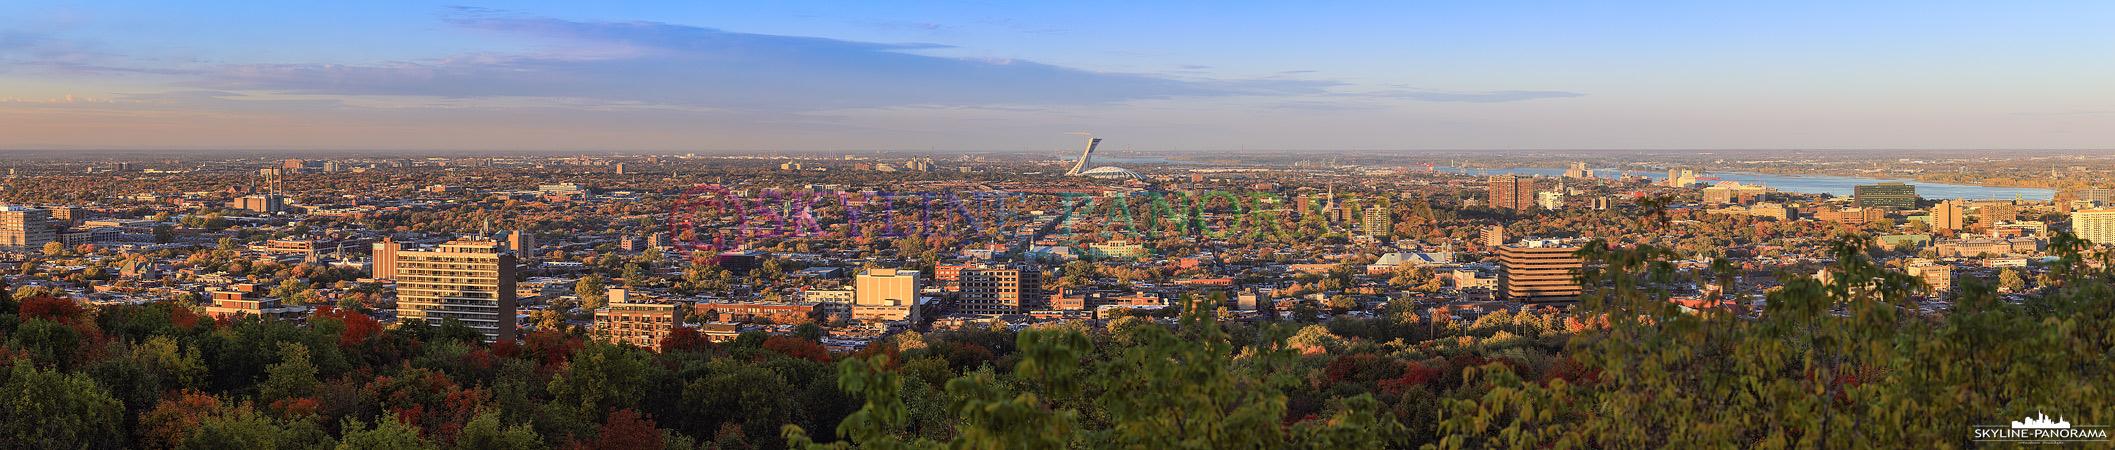 Aussicht vom Mont Royal auf den Nordosten der kanadischen Metropole Montreal. Im Zentrum ist das Olympiastadion mit seinem schiefen Olympiaturm zu sehen.